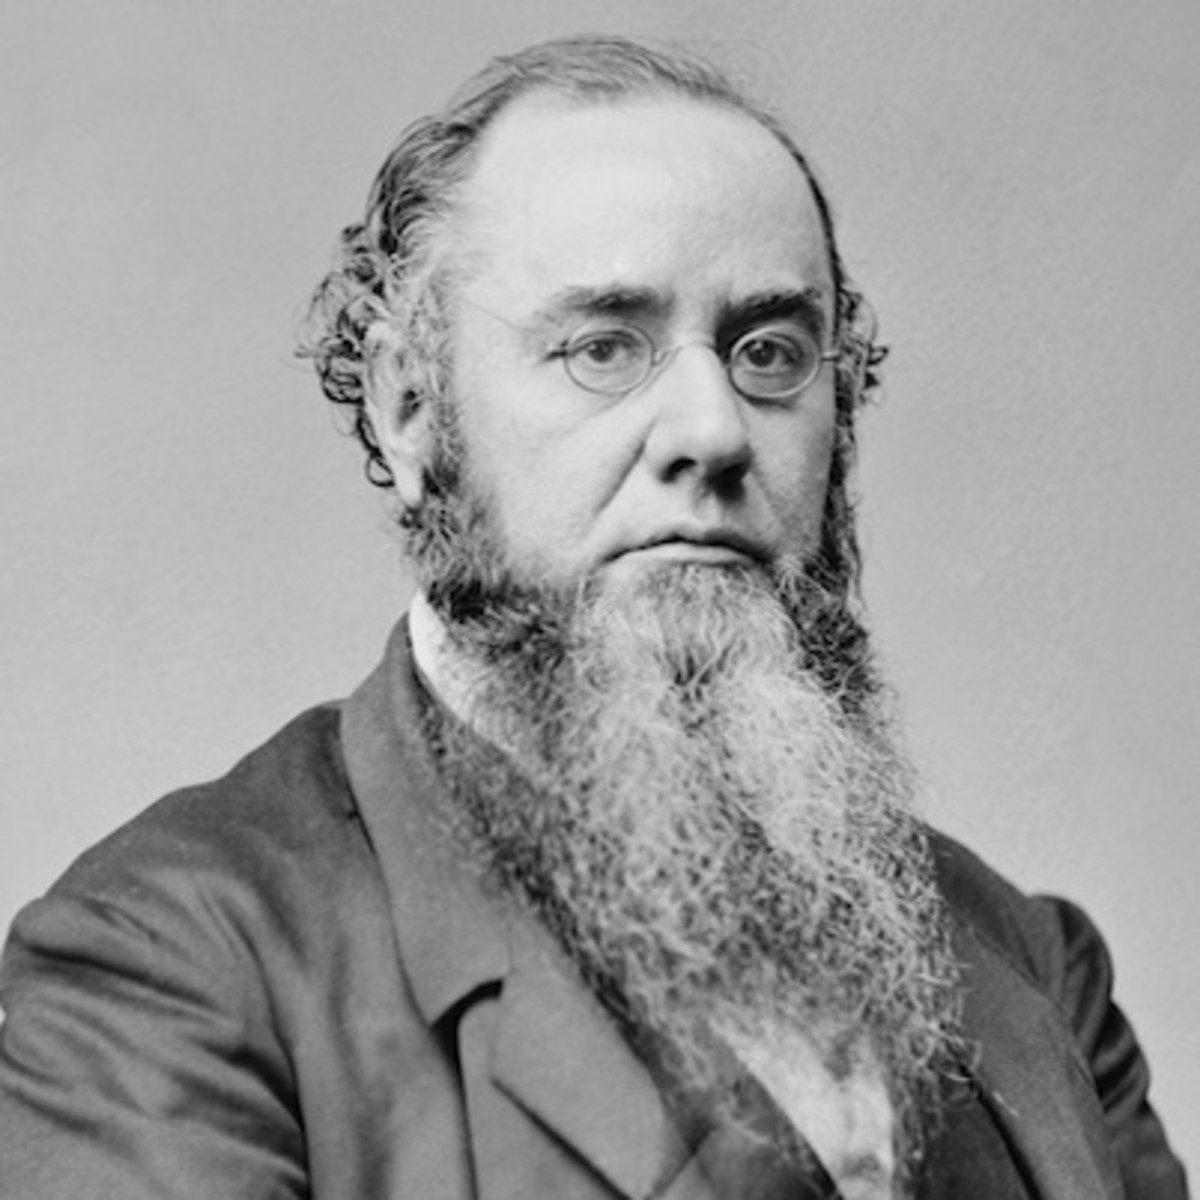 Edwin M. Stanton, U.S. Secretary of War, 1862-1867, 1868